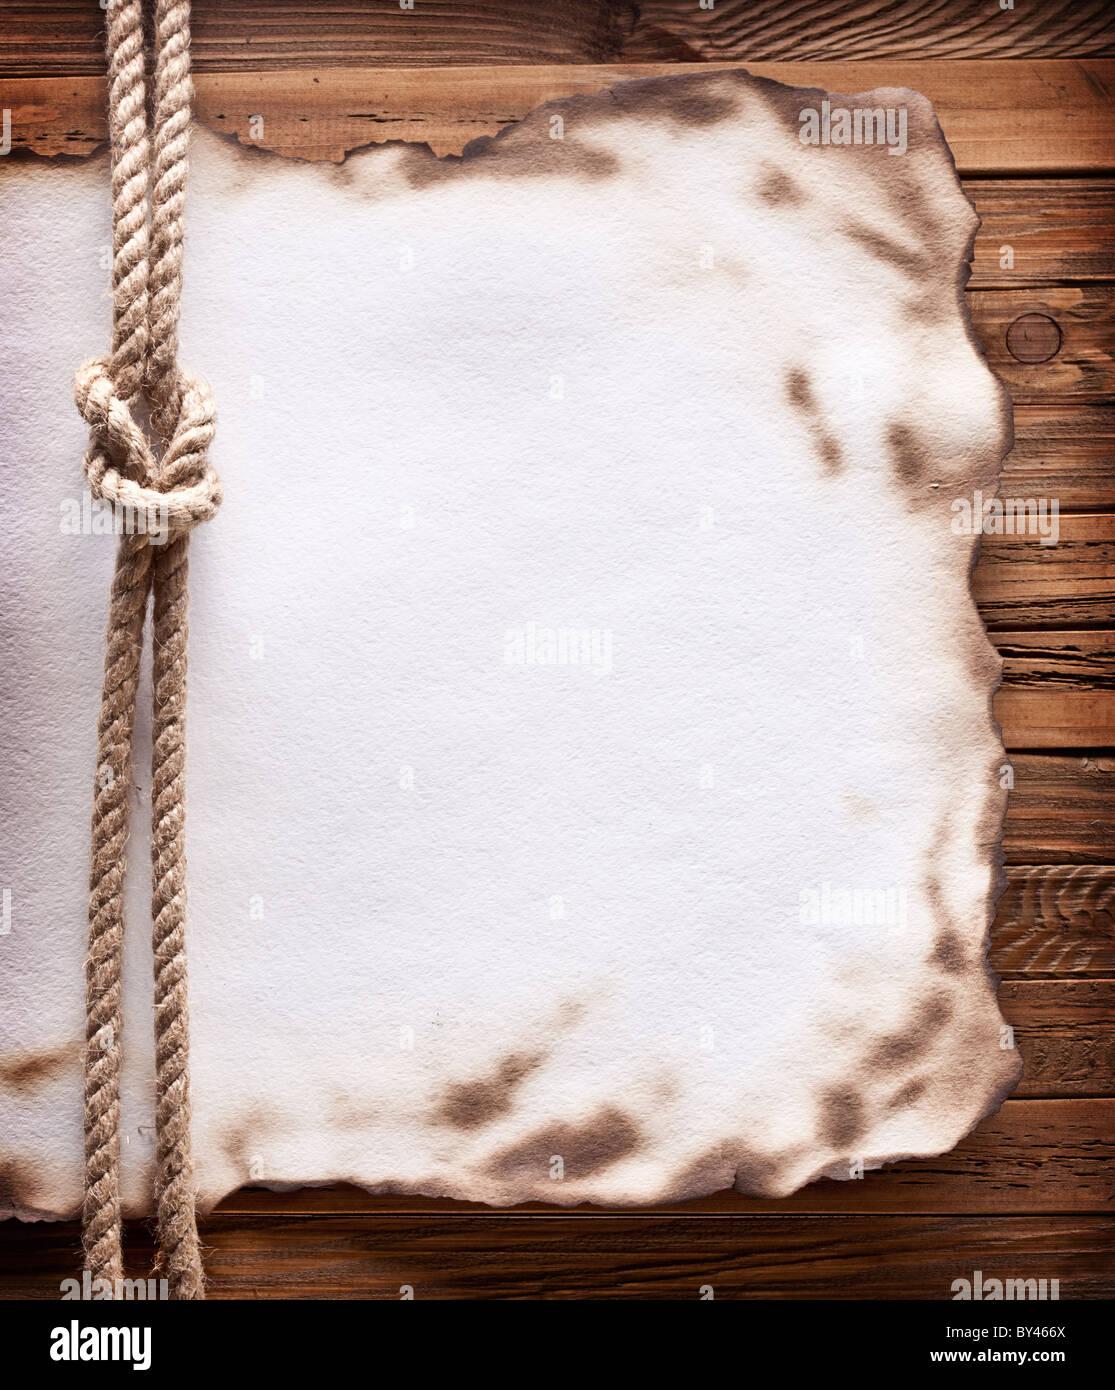 Immagine della vecchia carta su uno sfondo di legno. Immagini Stock